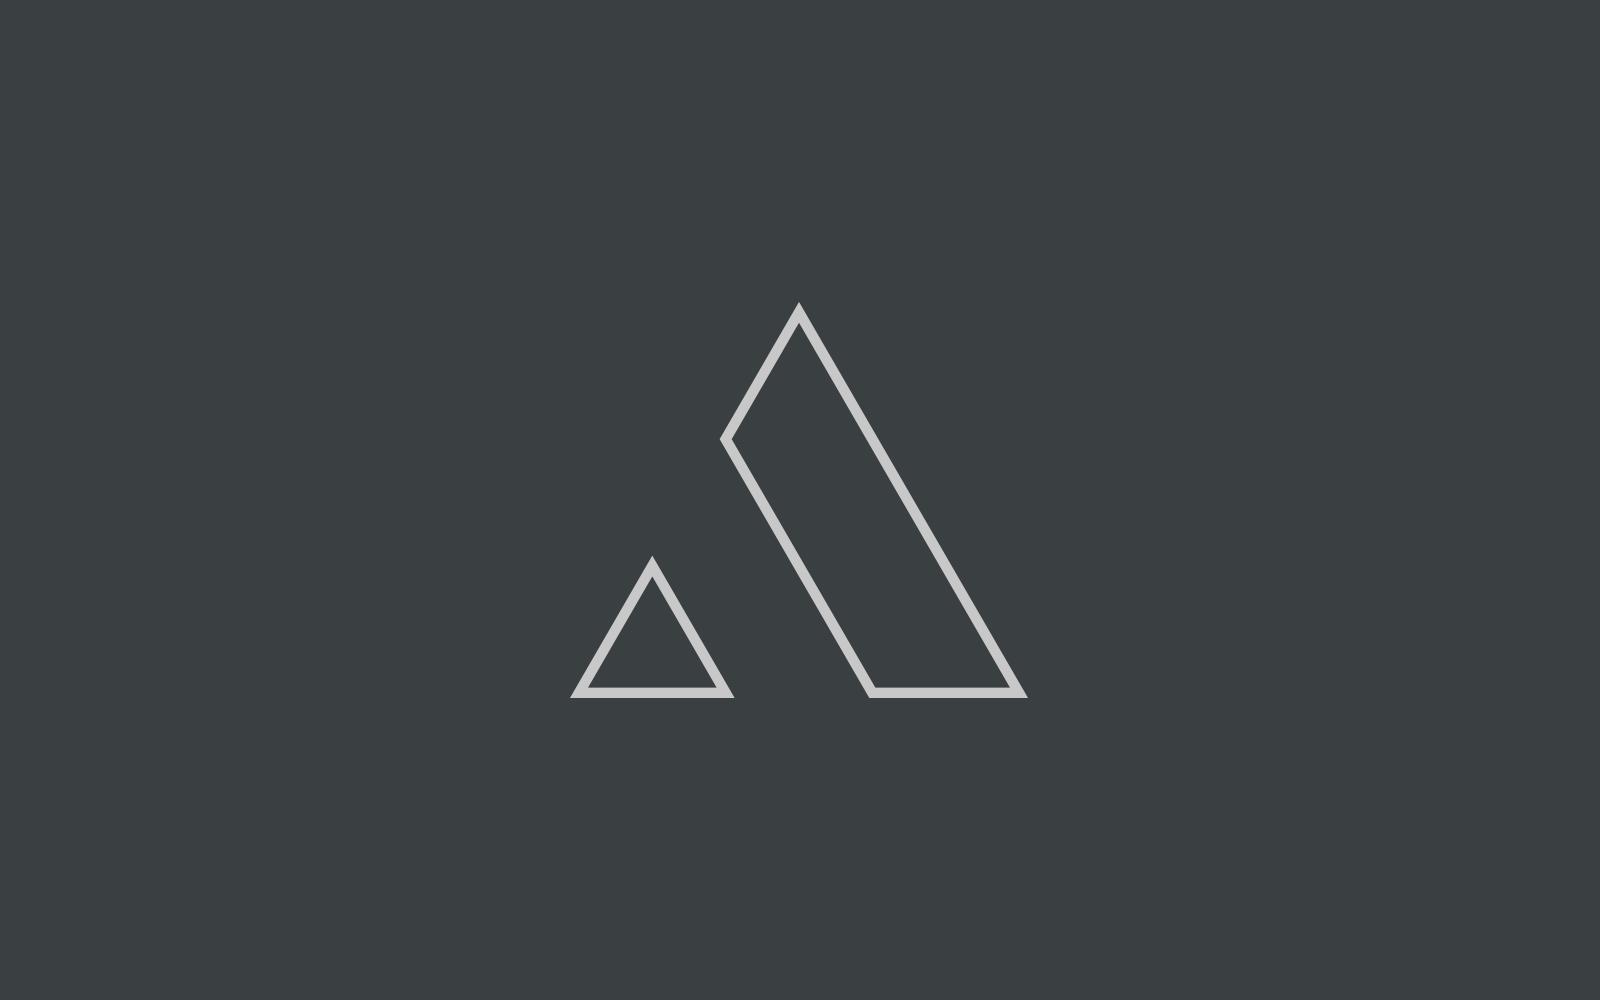 logo_1600p_a